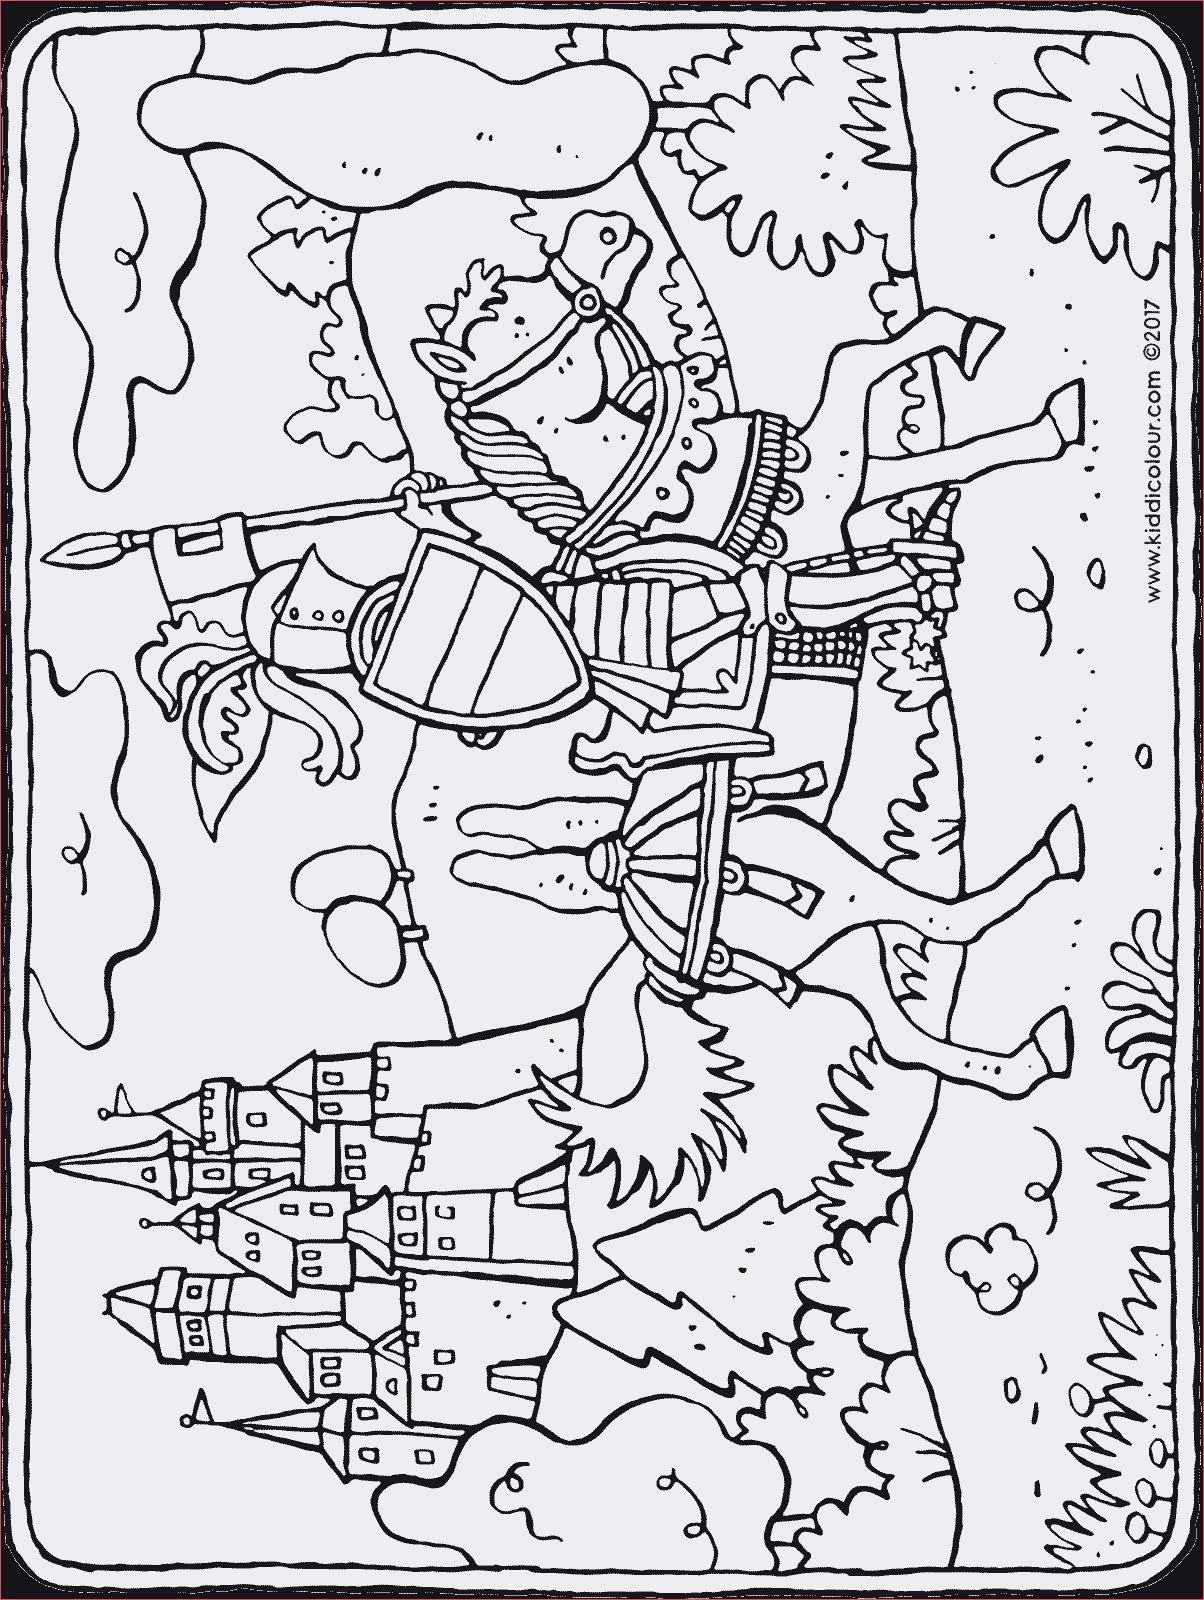 Einhorn Ausmalbilder Zum Ausdrucken Kostenlos Einzigartig Malvorlagen Einhorn Kostenlos Elegant Malvorlagen Igel Frisch Igel Bild